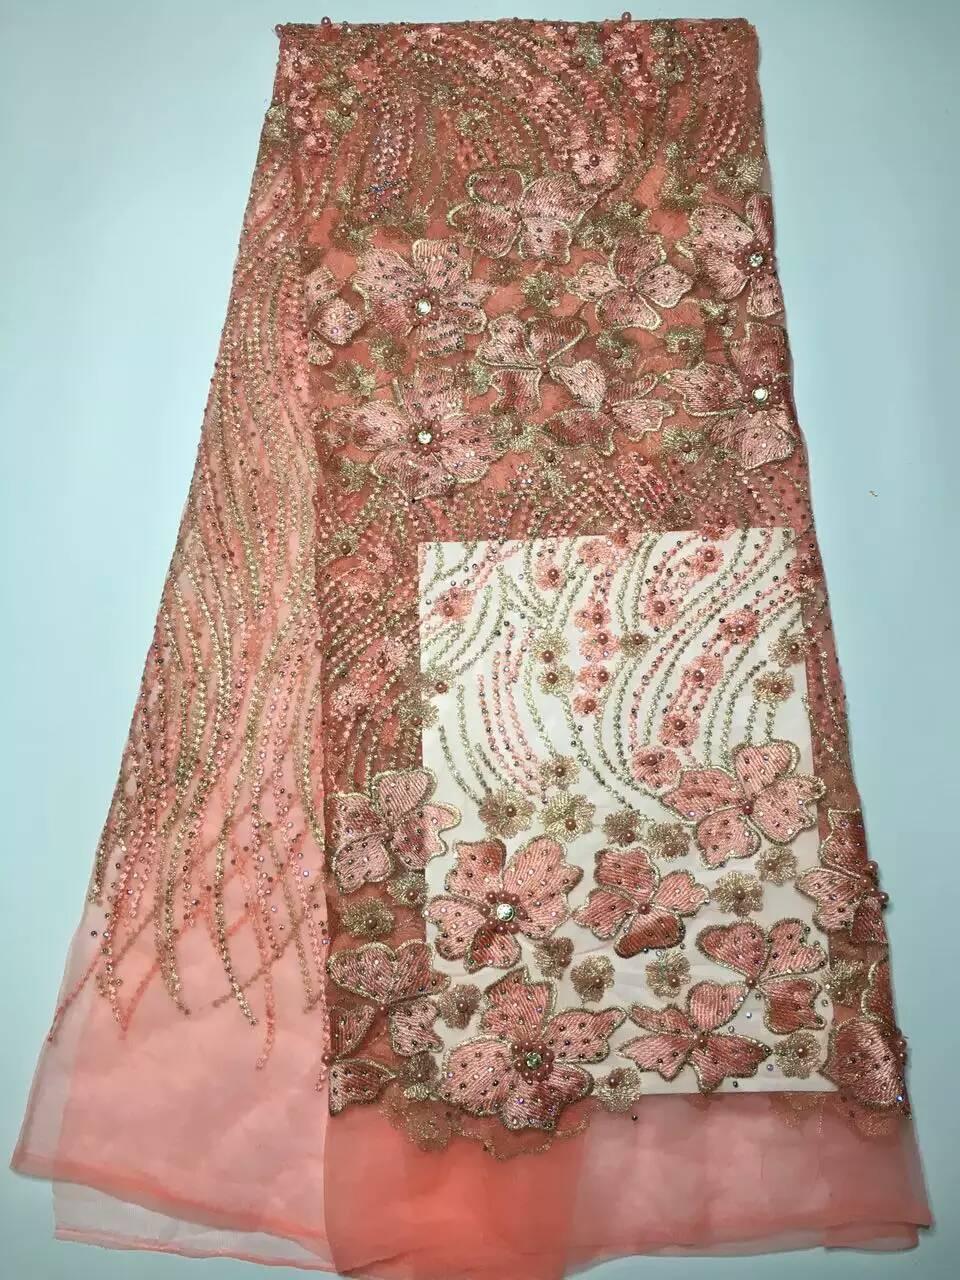 ჱSuiza bordada tela de encaje francés con un montón granos material ...